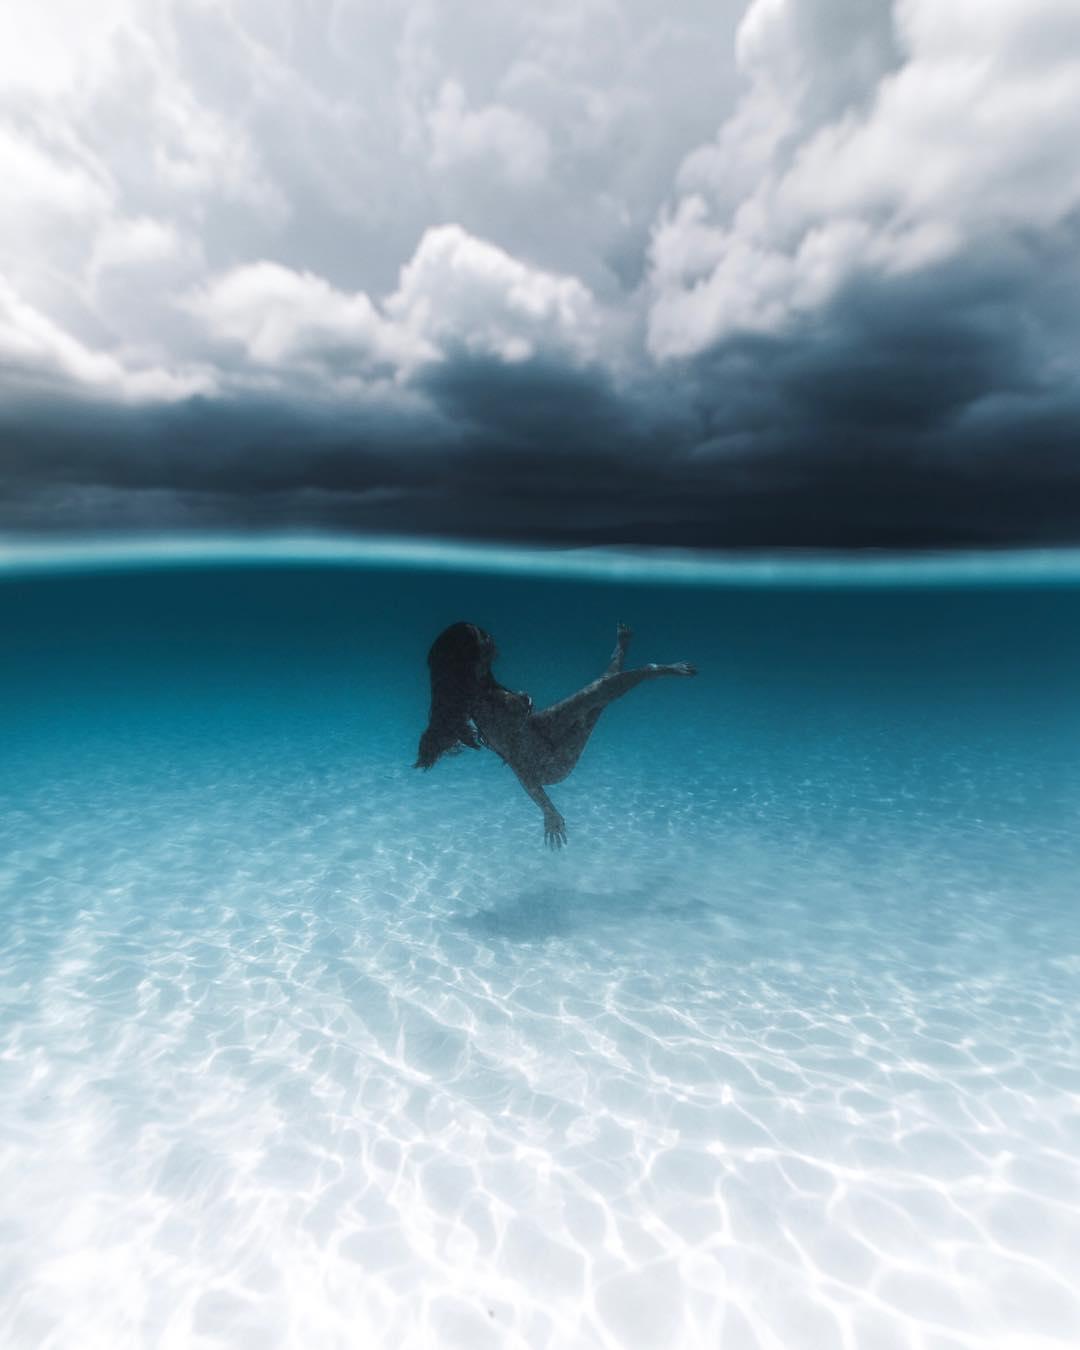 Захватывающие подводные снимки от Нолана Омура